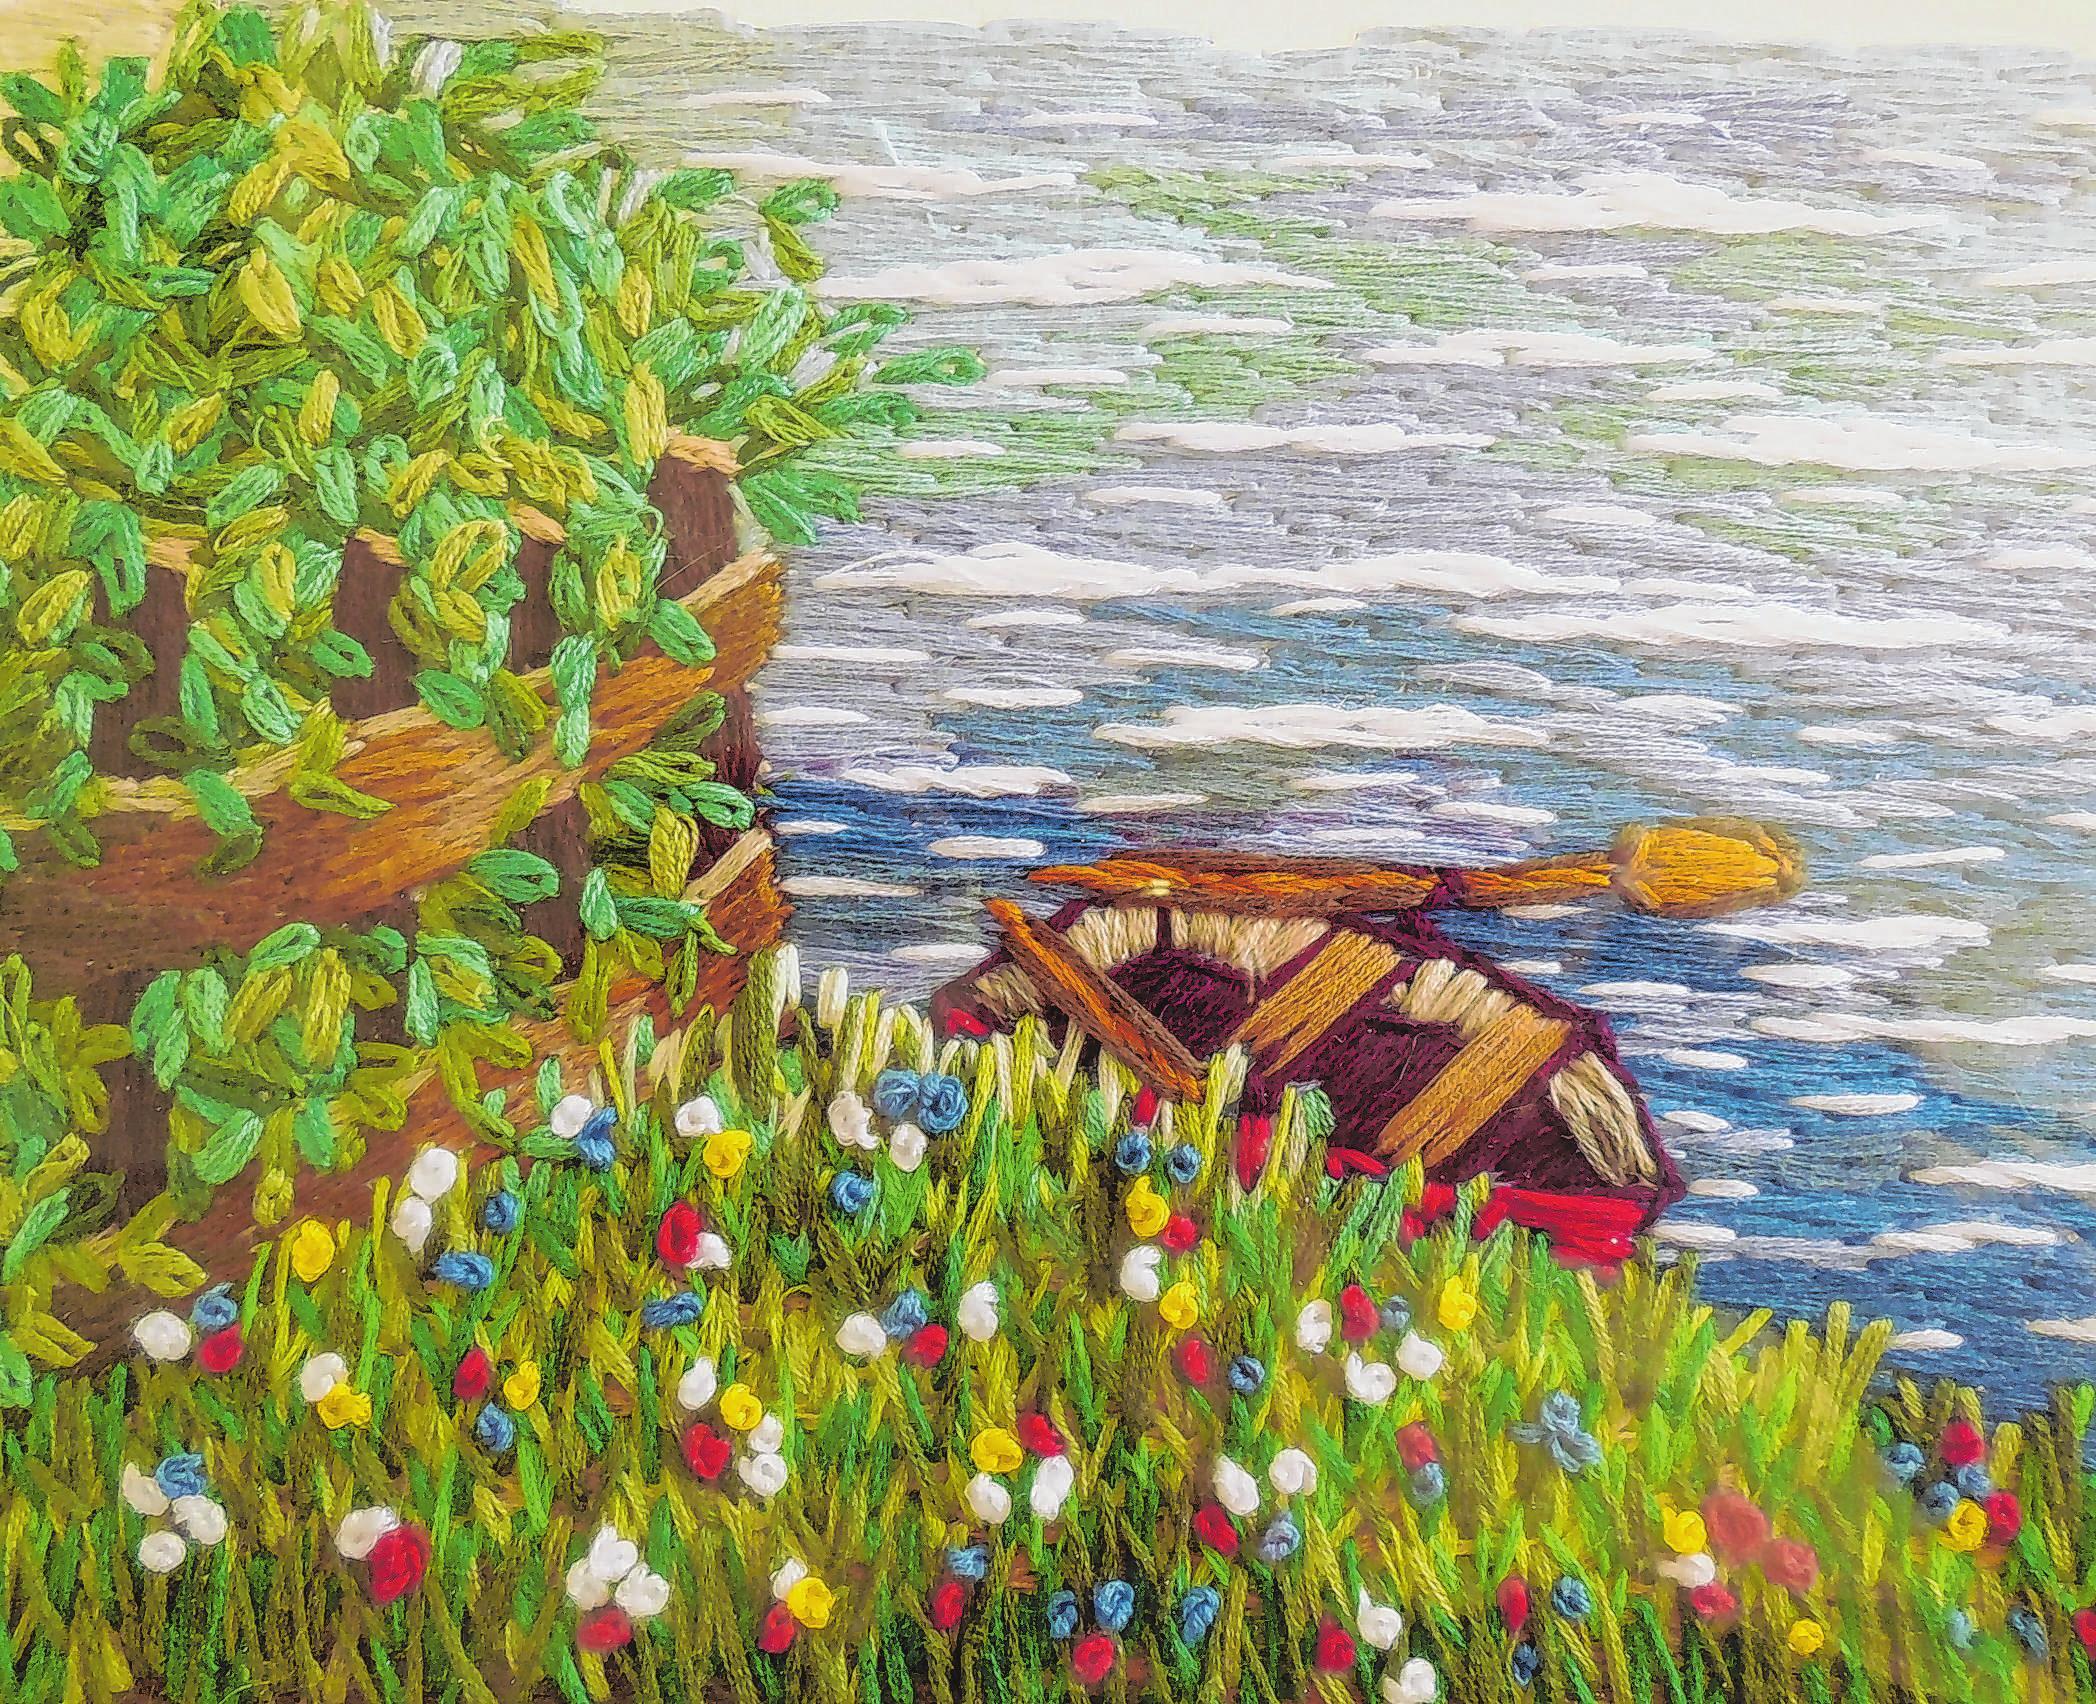 Stickbilder wie dieses sowie Malerei und Zeichnungen von Dana Schröder sind in der HofgalerieM in Pillgram zu sehen. Foto: Monika Schüller